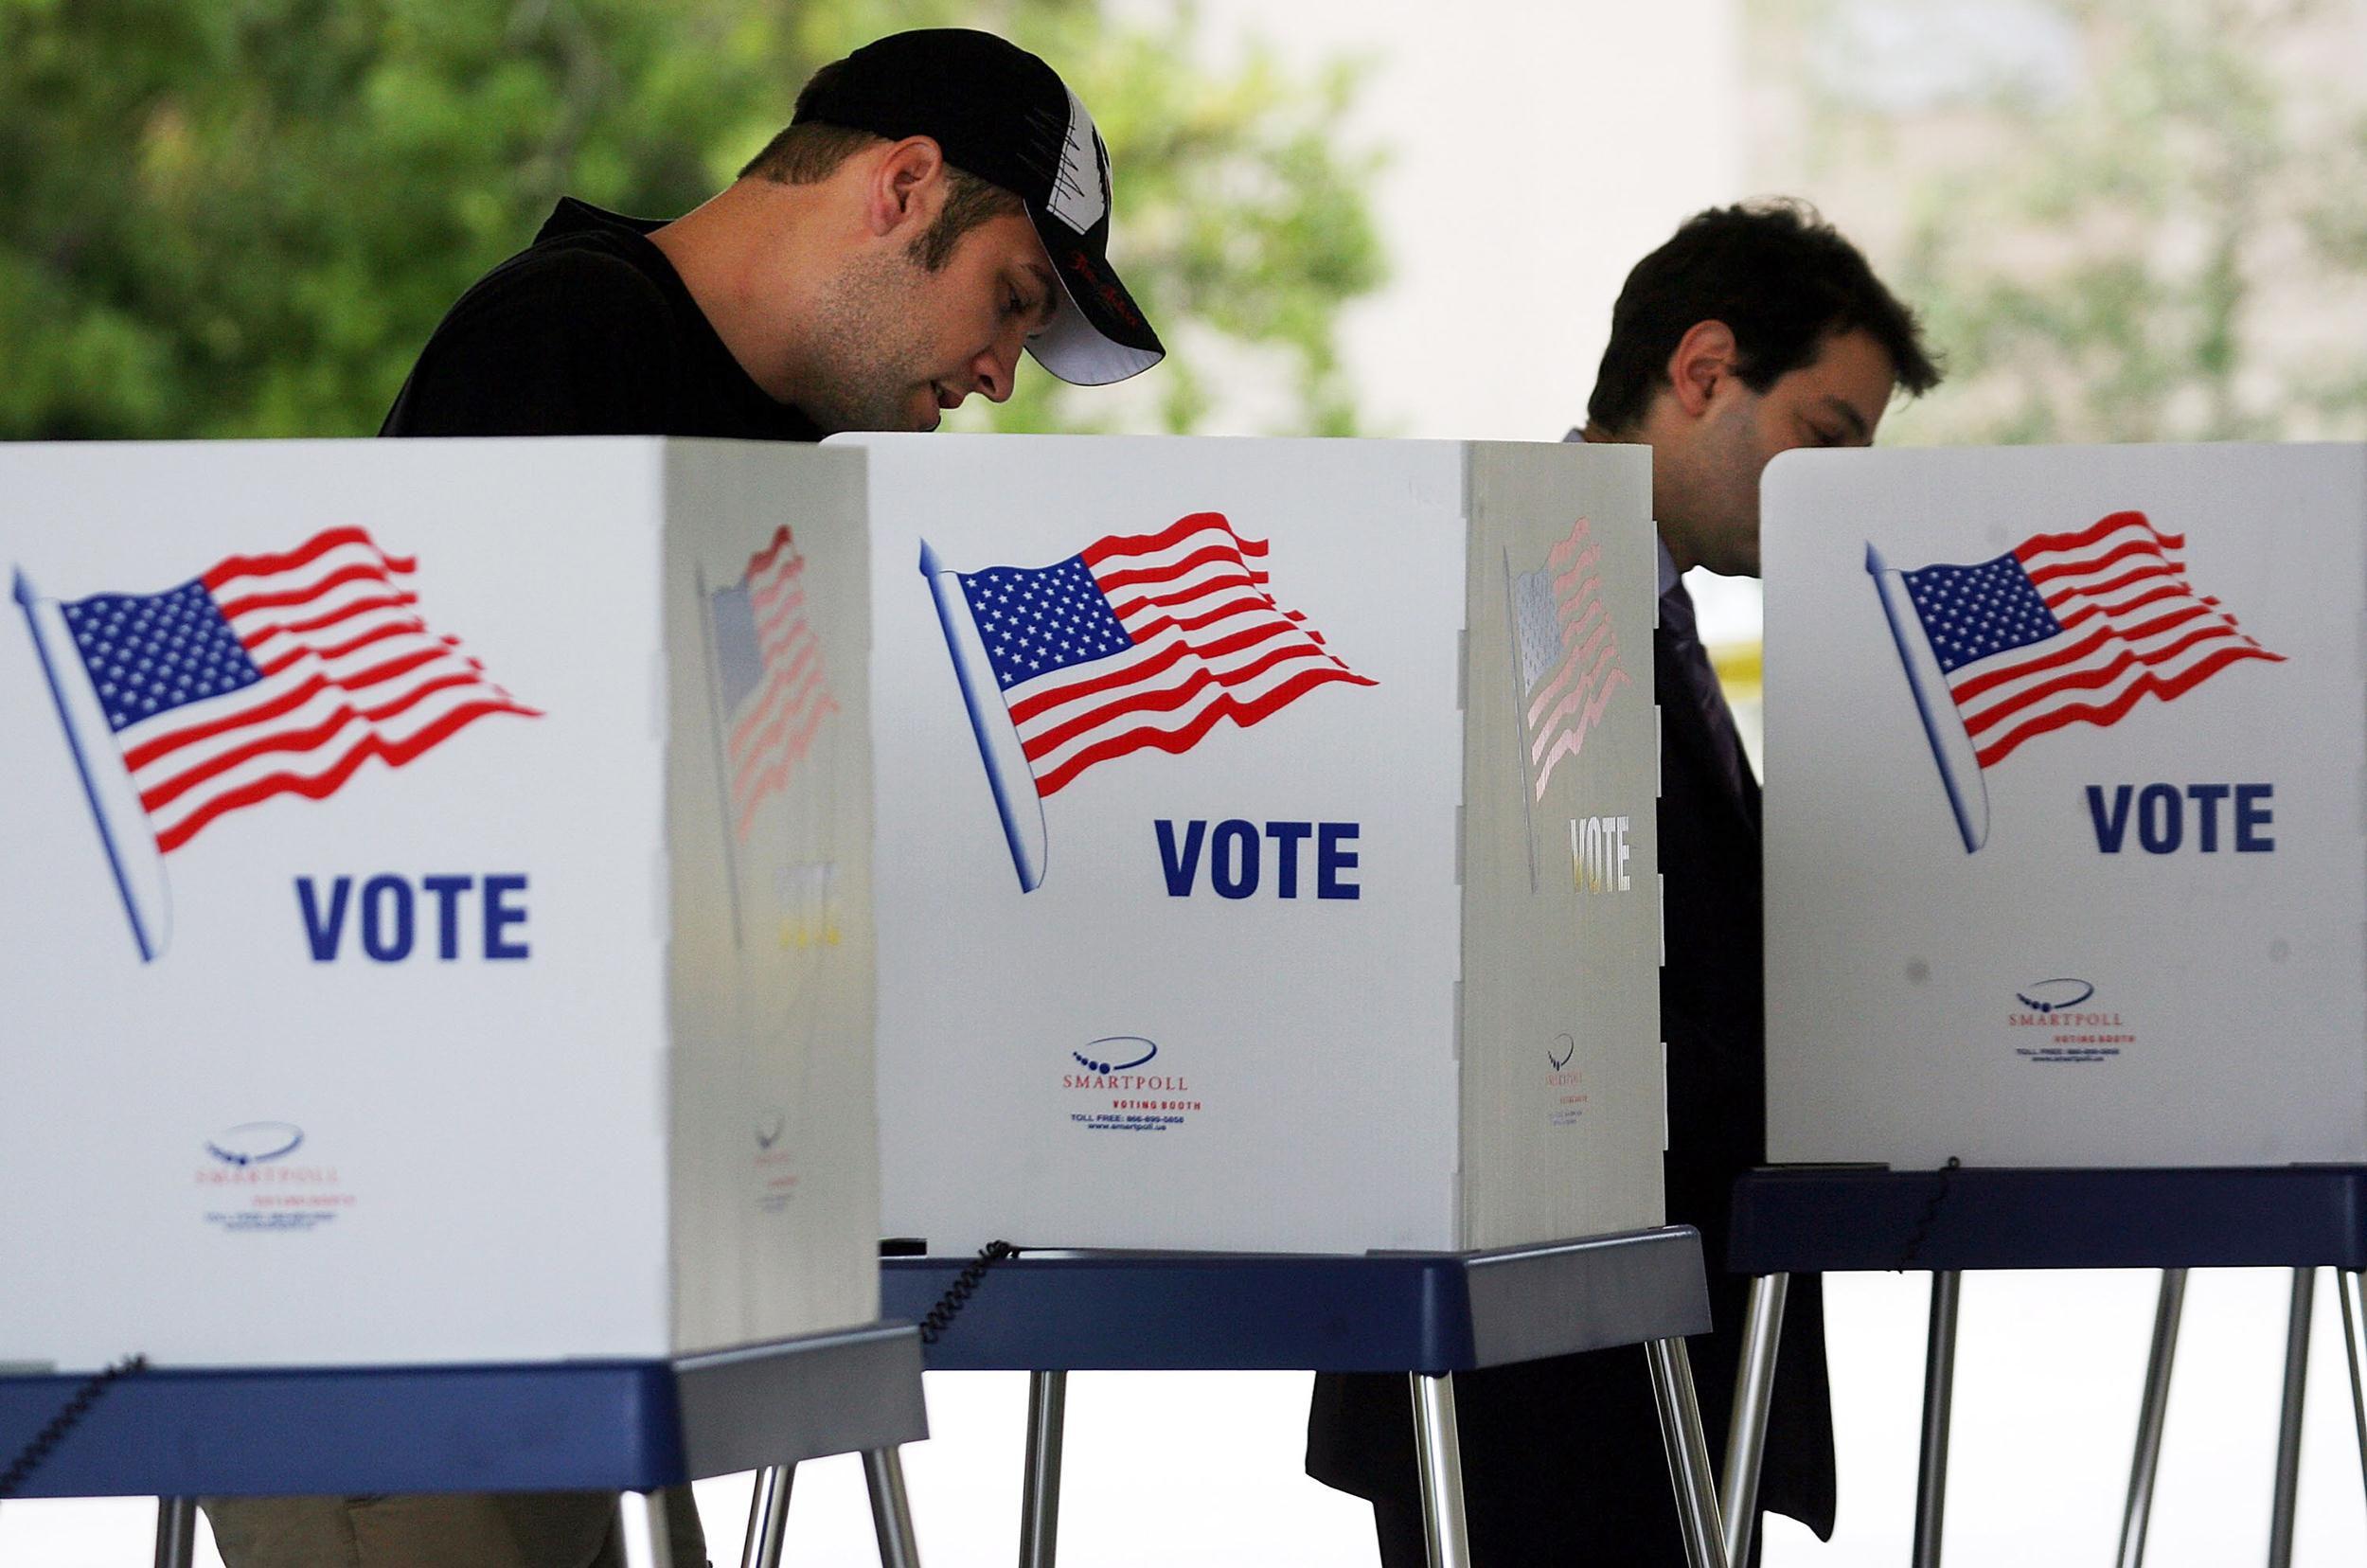 چرا شکست جمهوری خواهان در انتخابات میان دوره ای کنگره به ضرر ایران است!؟